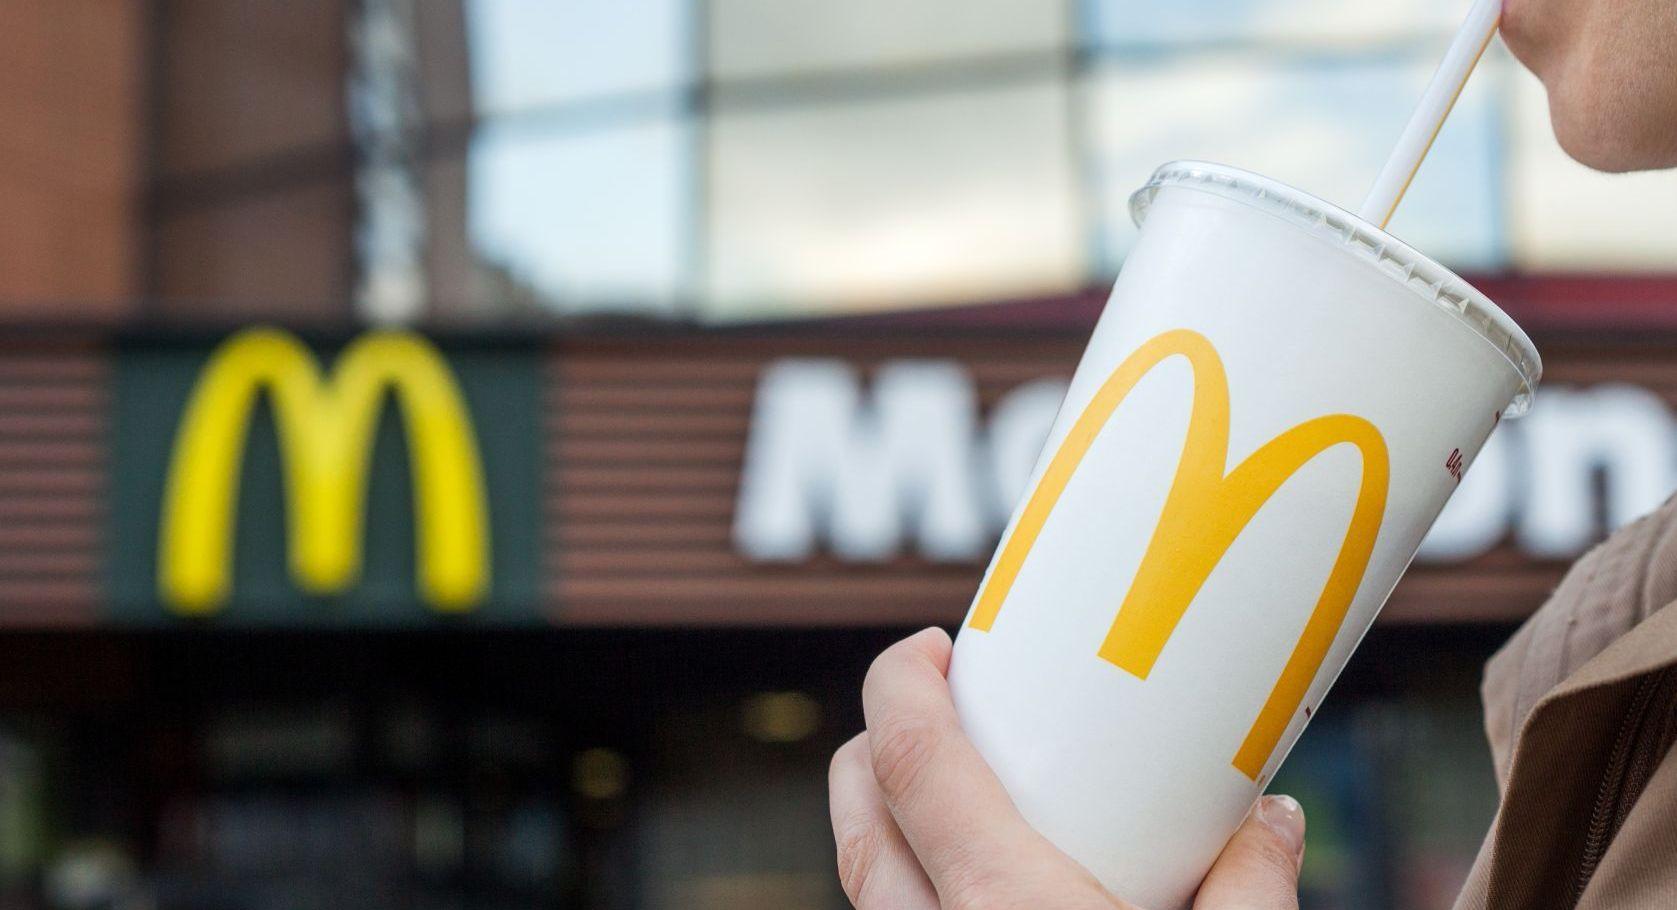 日本麥當勞如何從連年虧損中起死回生?執行長:幫員工加薪